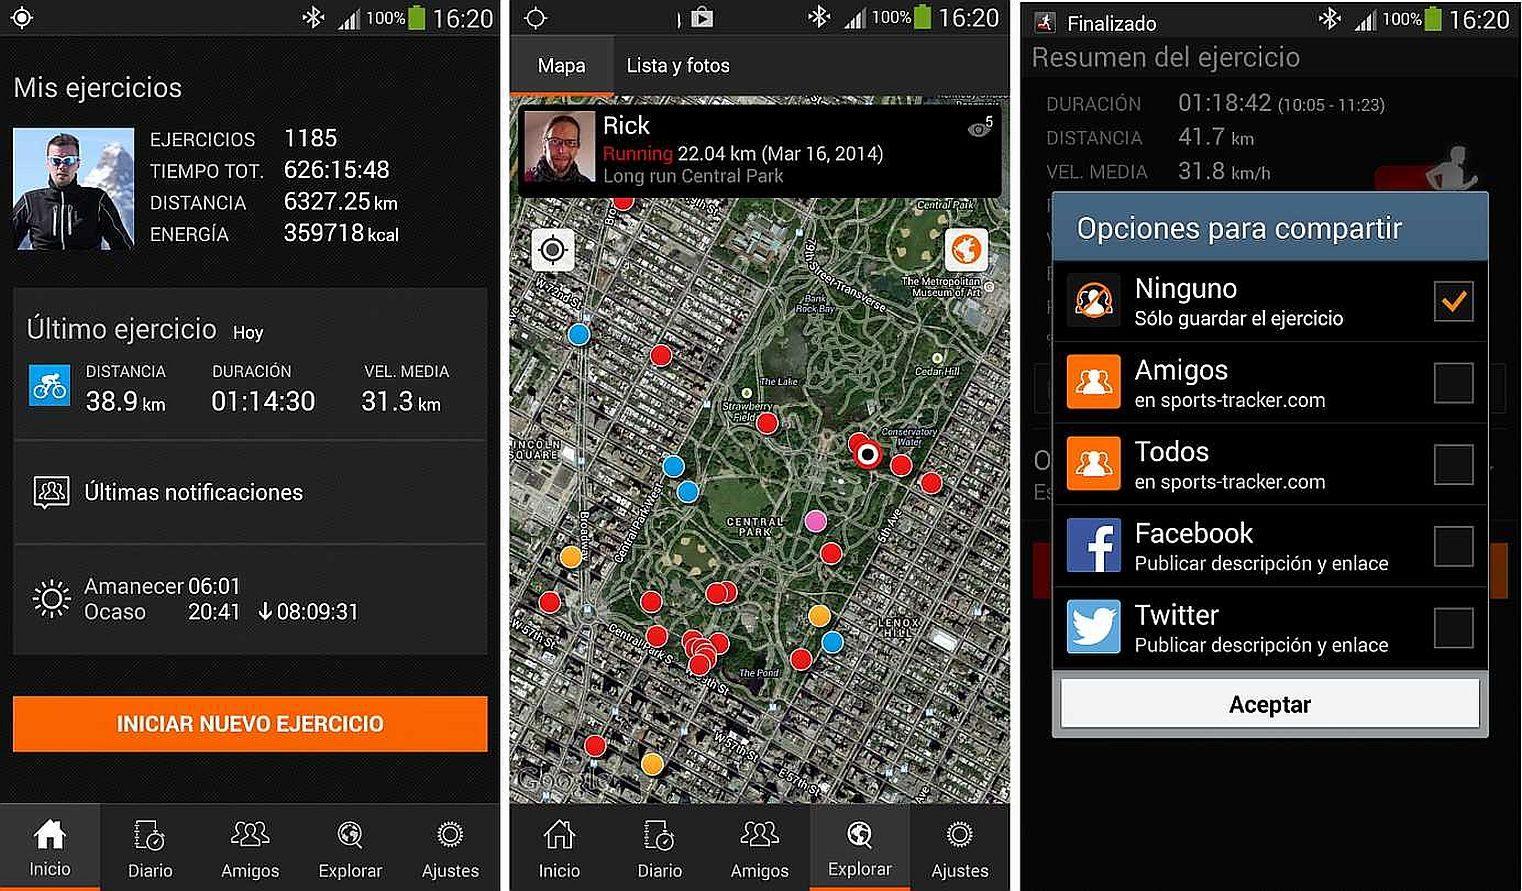 Aplicación para correr Android Sports Tracker